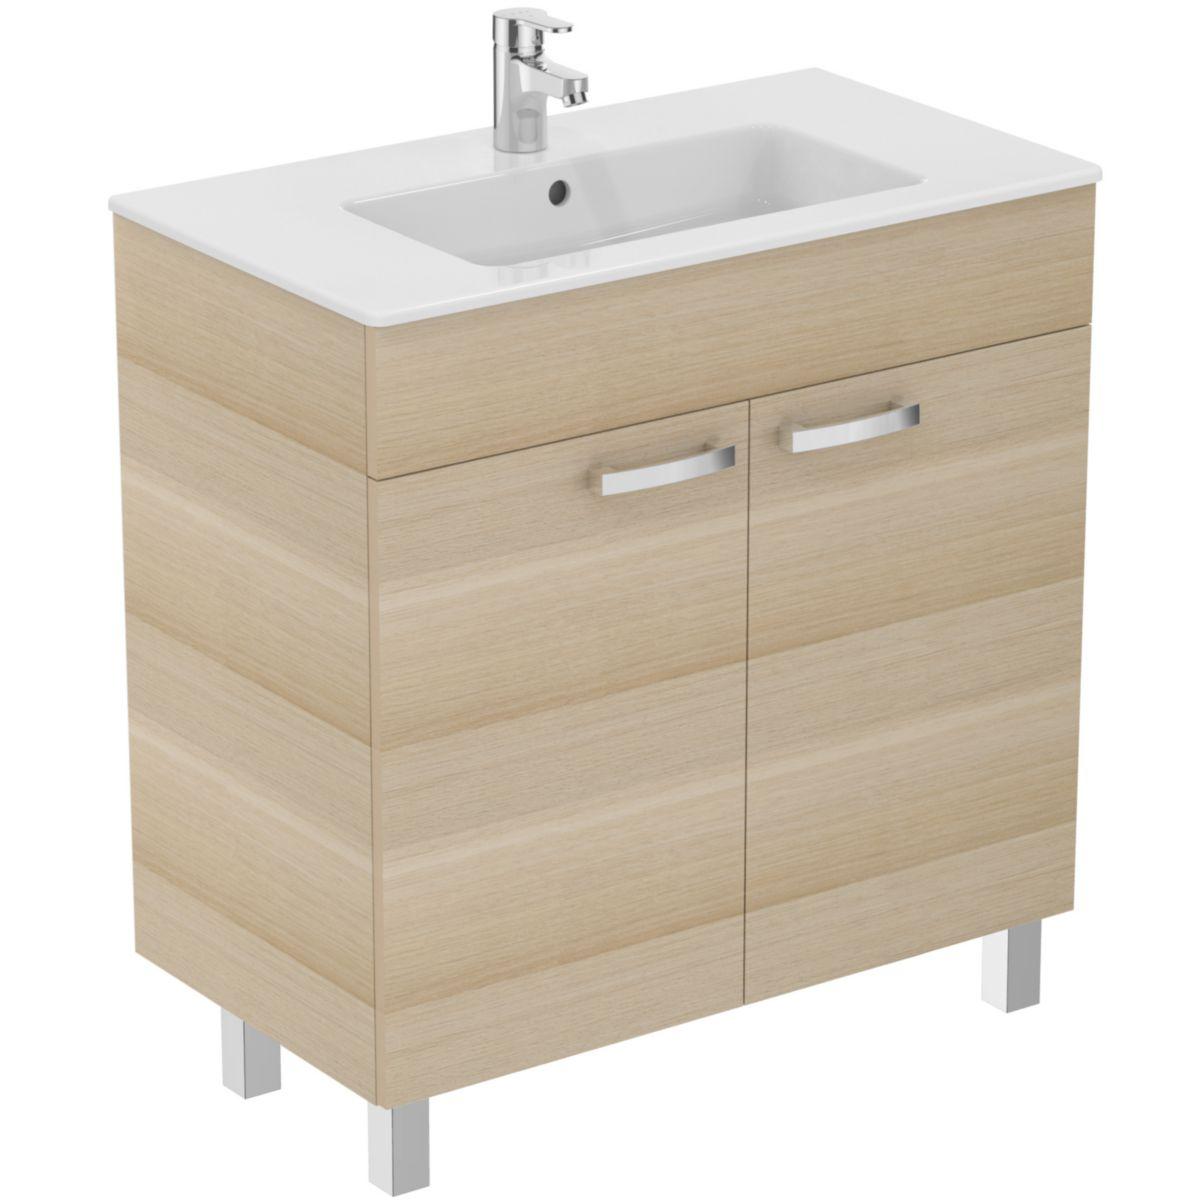 Meuble Salle De Bain Cdo ~ ensemble de meuble ulysse 2 portes 80 cm blanc brillant r f